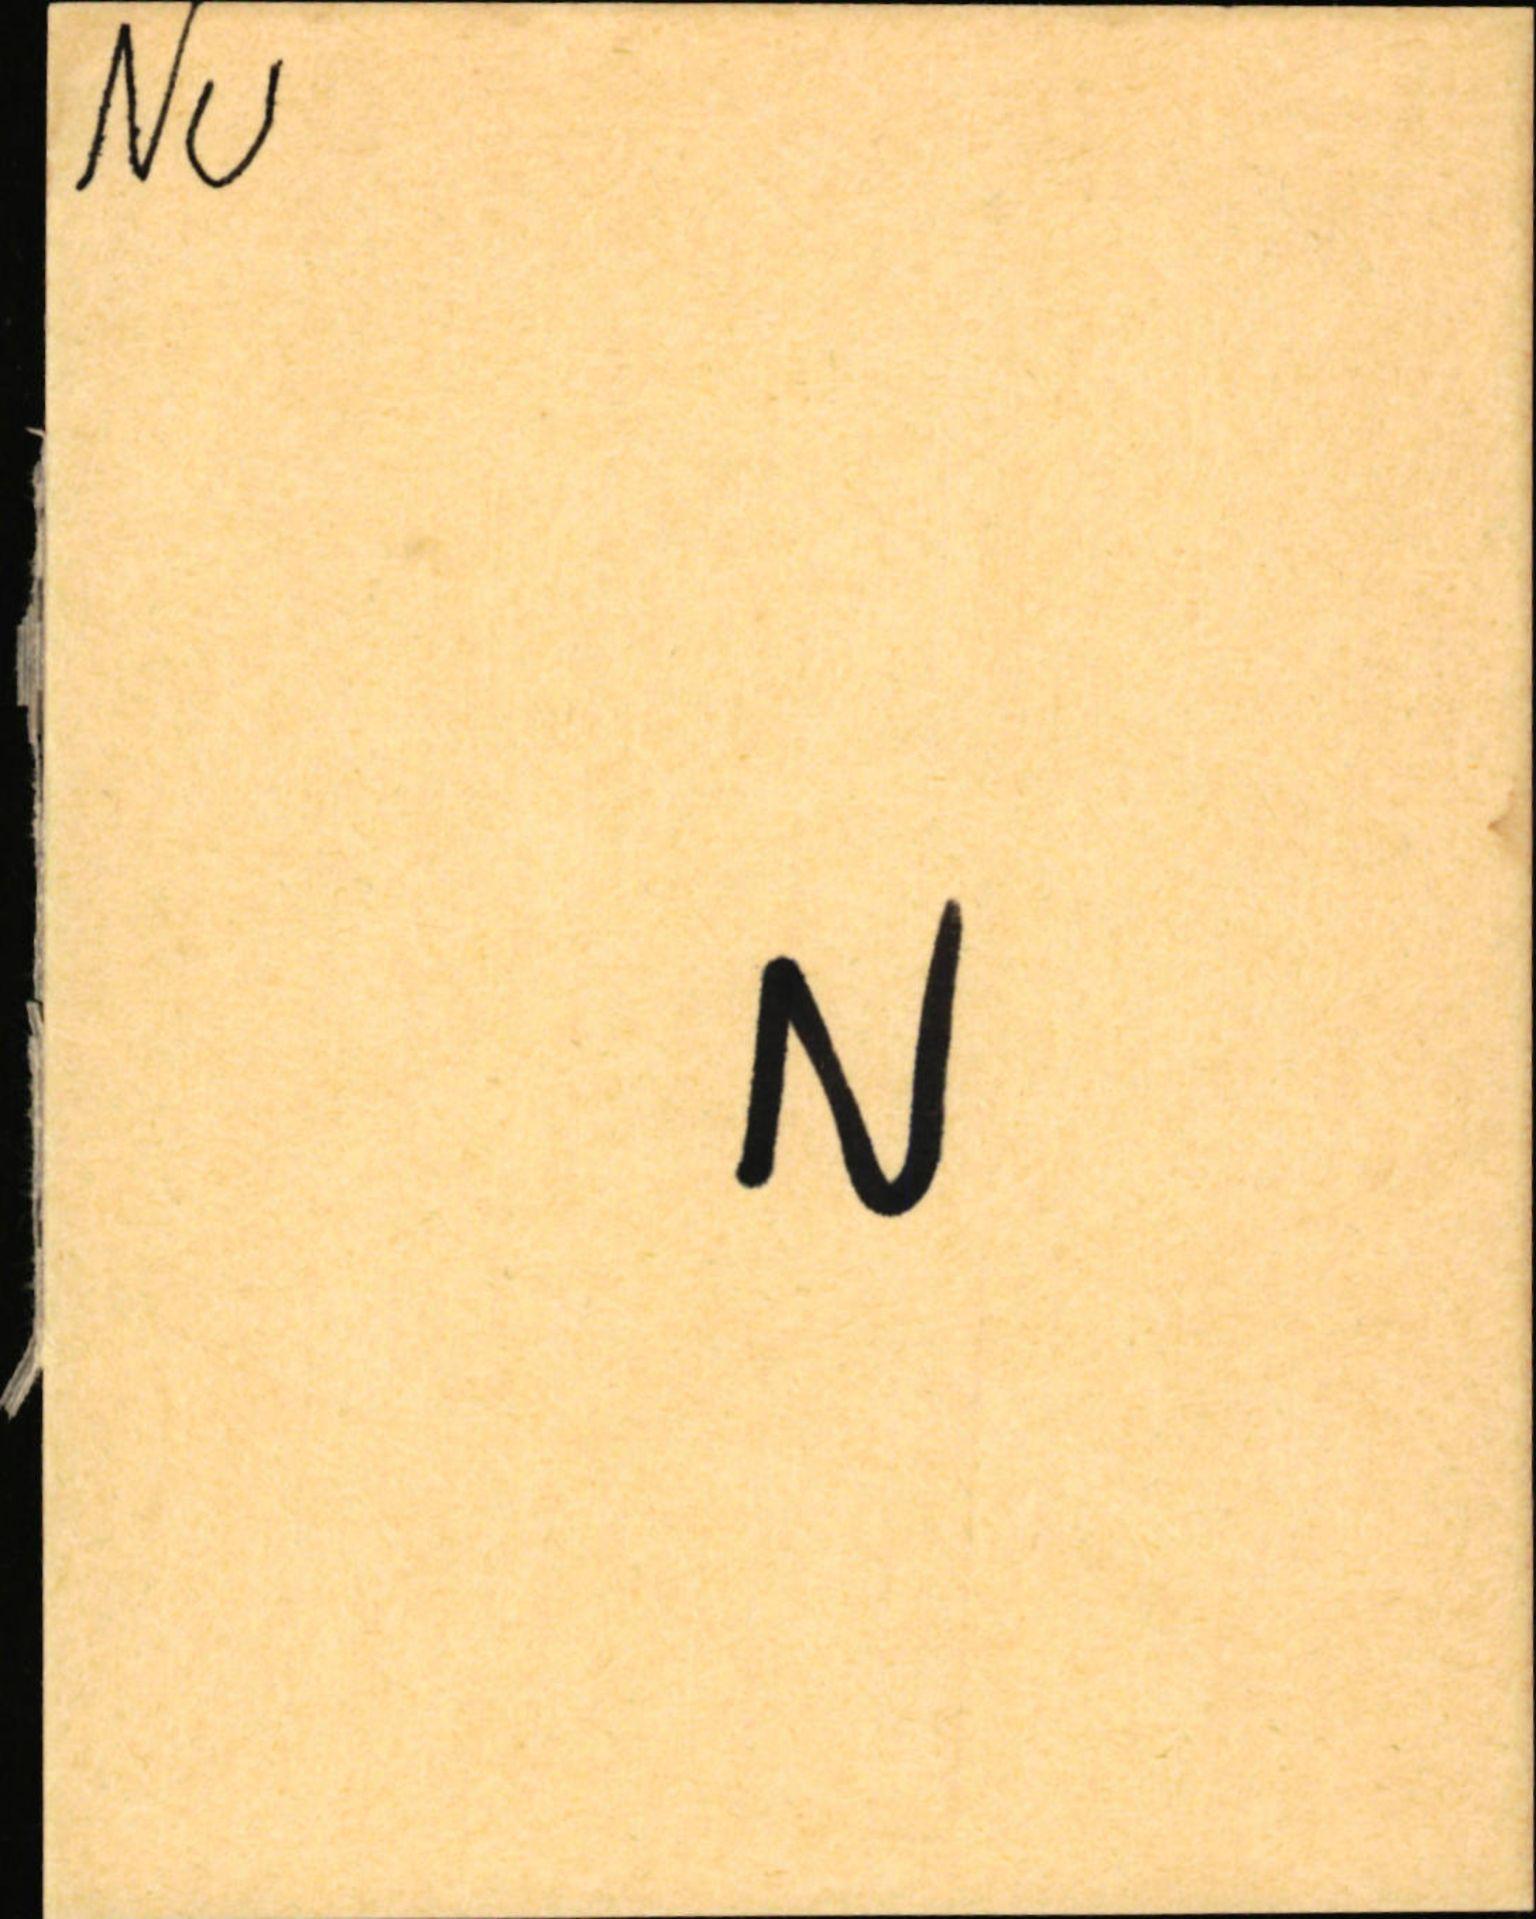 SAB, Statens vegvesen, Hordaland vegkontor, Ha/L0041: R-eierkort N-O, 1920-1971, s. 1